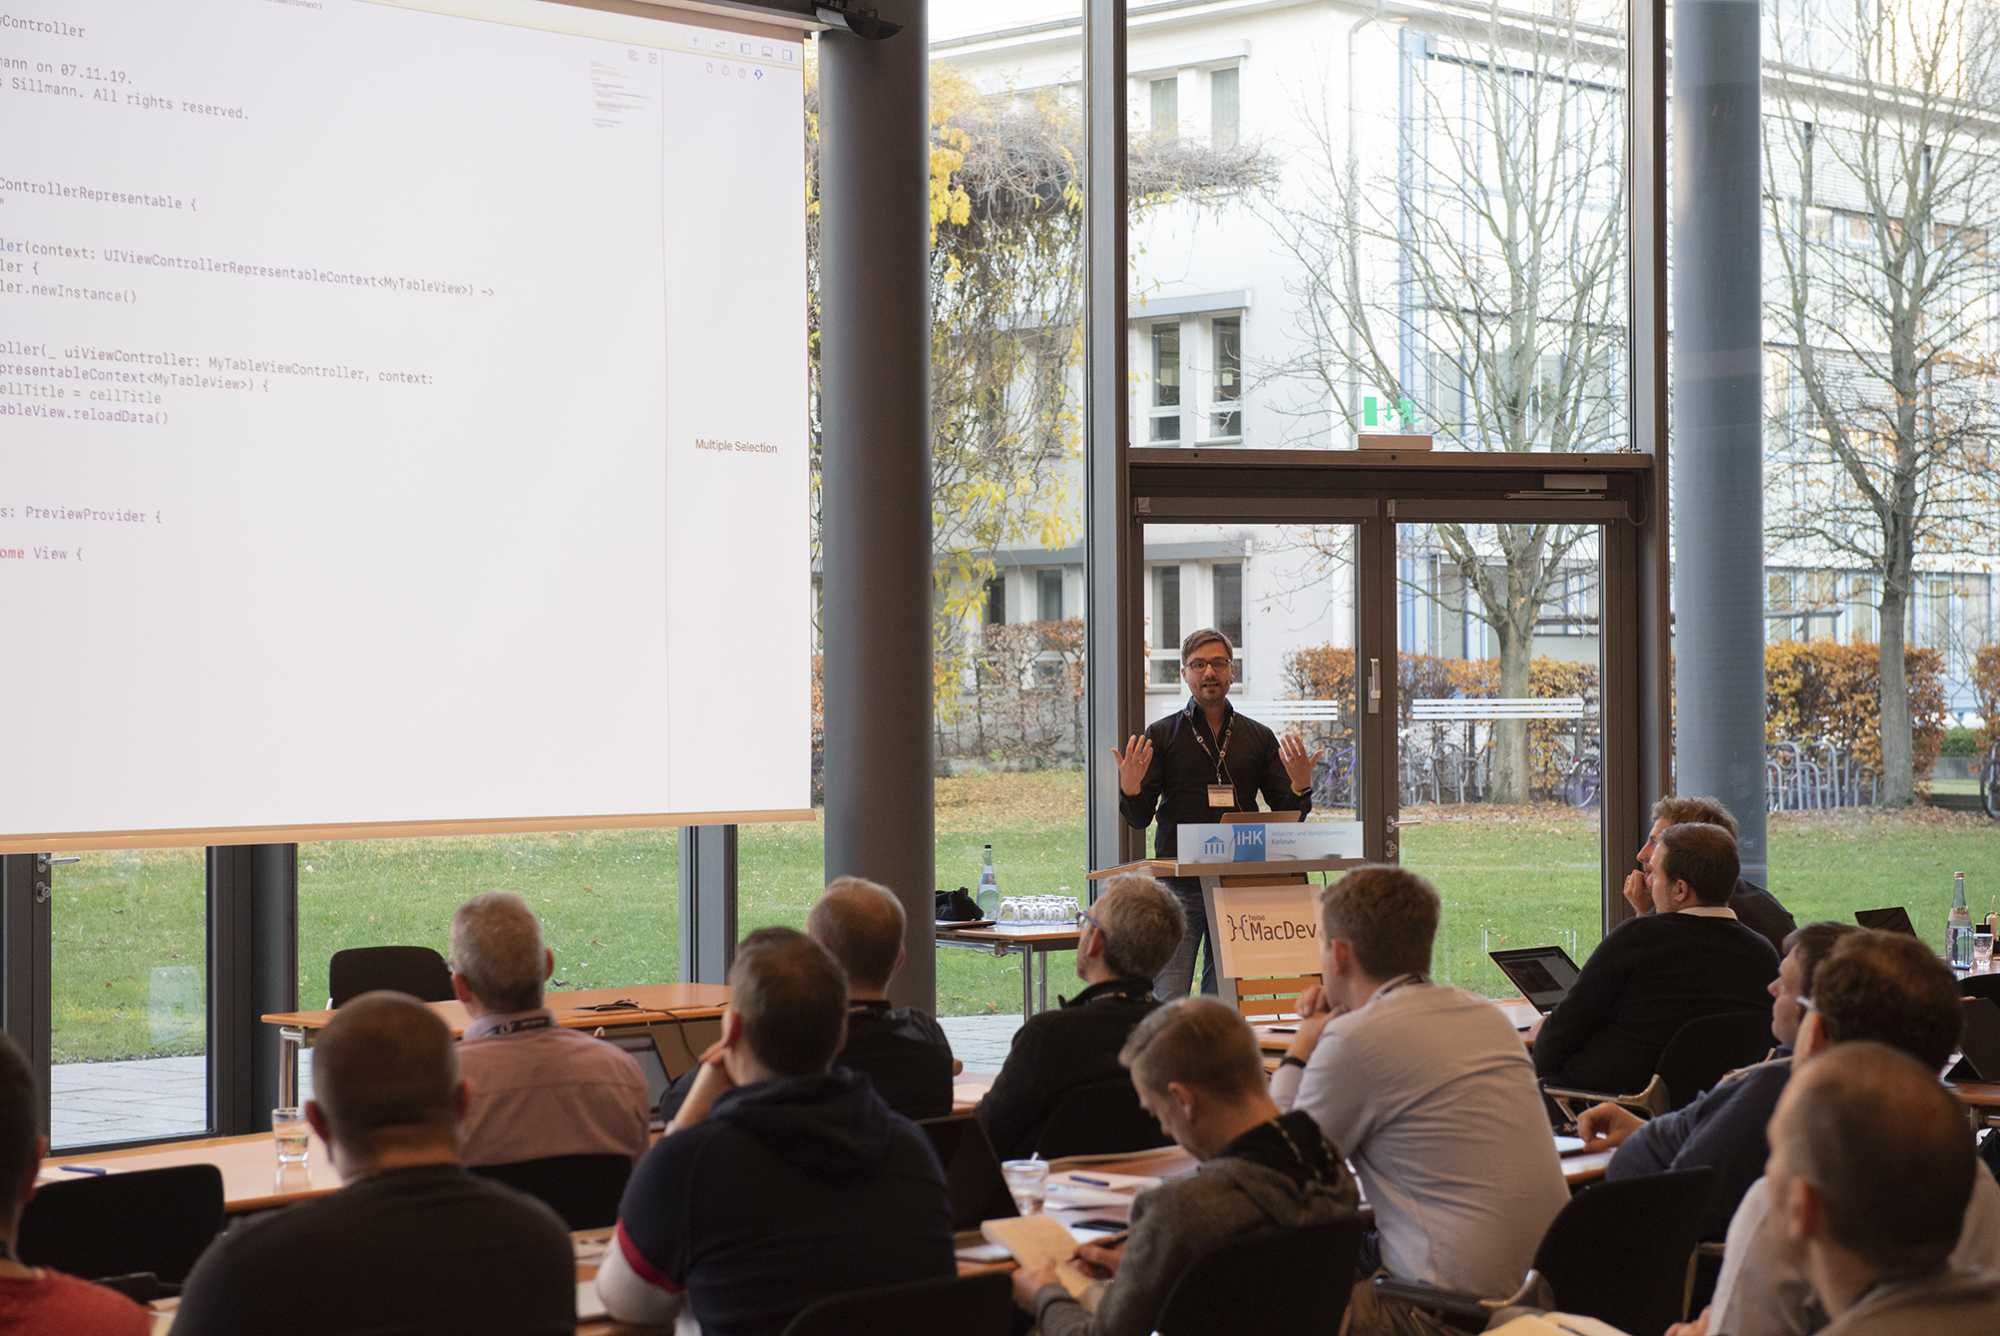 Der Sillmann bei seinem Vortrag zu SwiftUI auf der heise MacDev (Bild: dpunkt).